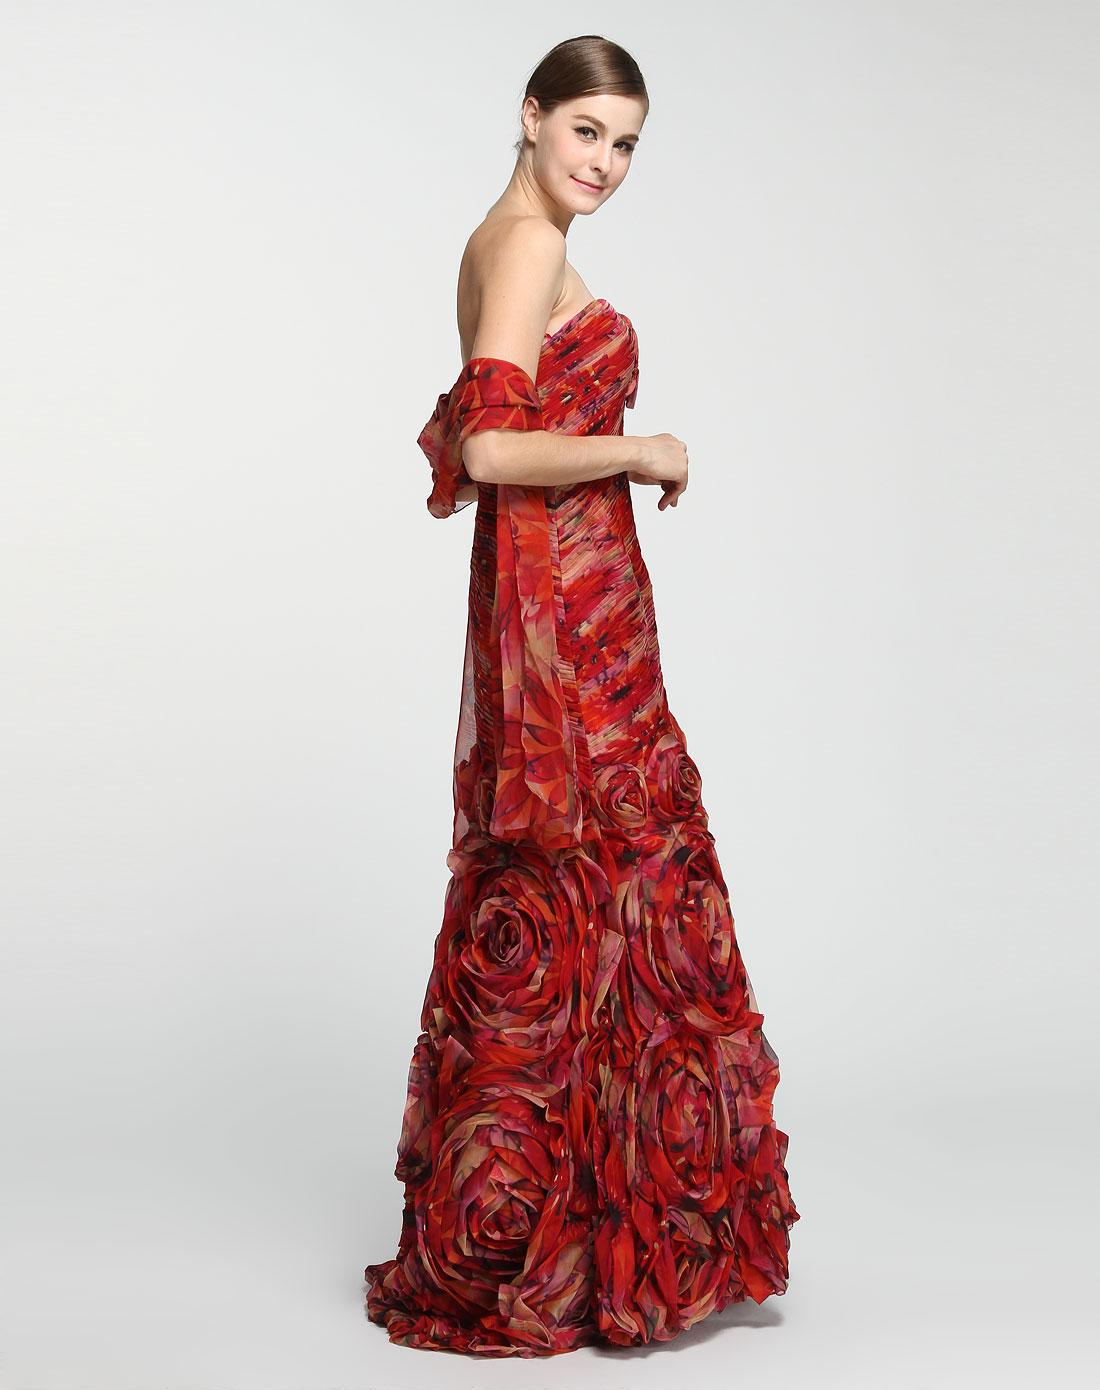 红色飘逸印花抹胸连衣裙